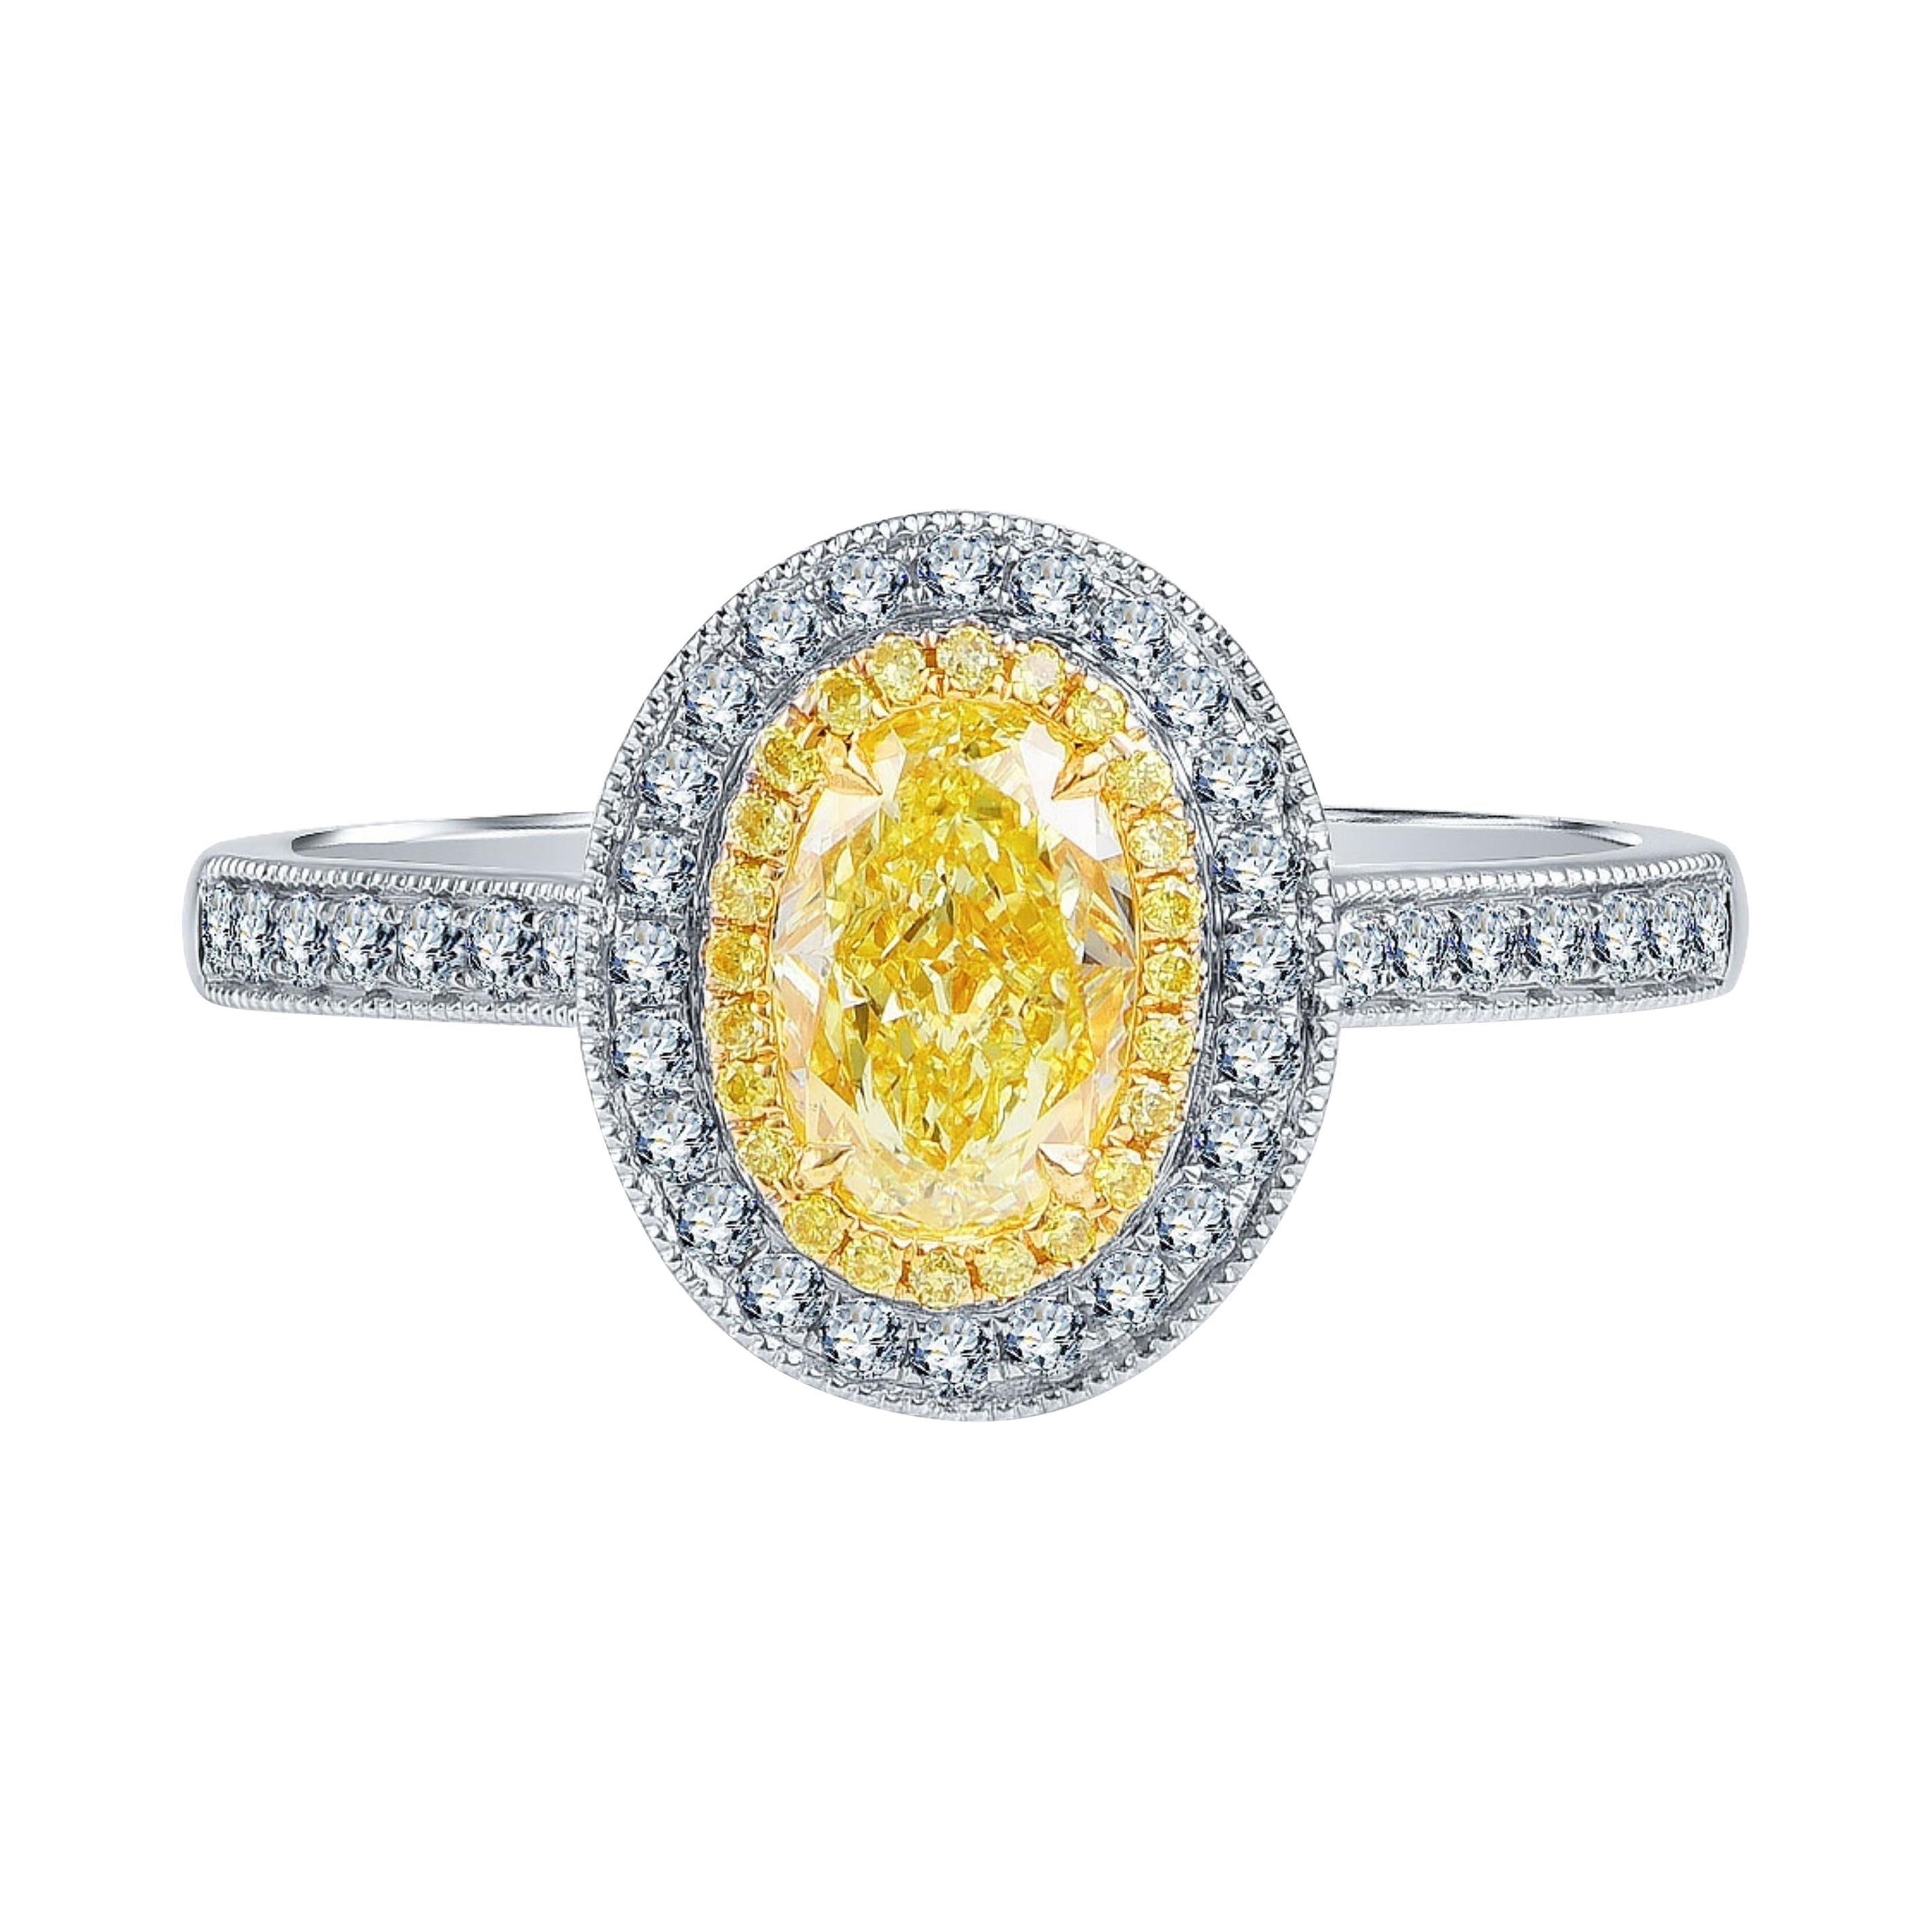 1 Carat Fancy Yellow Diamond Ring 18k White Gold